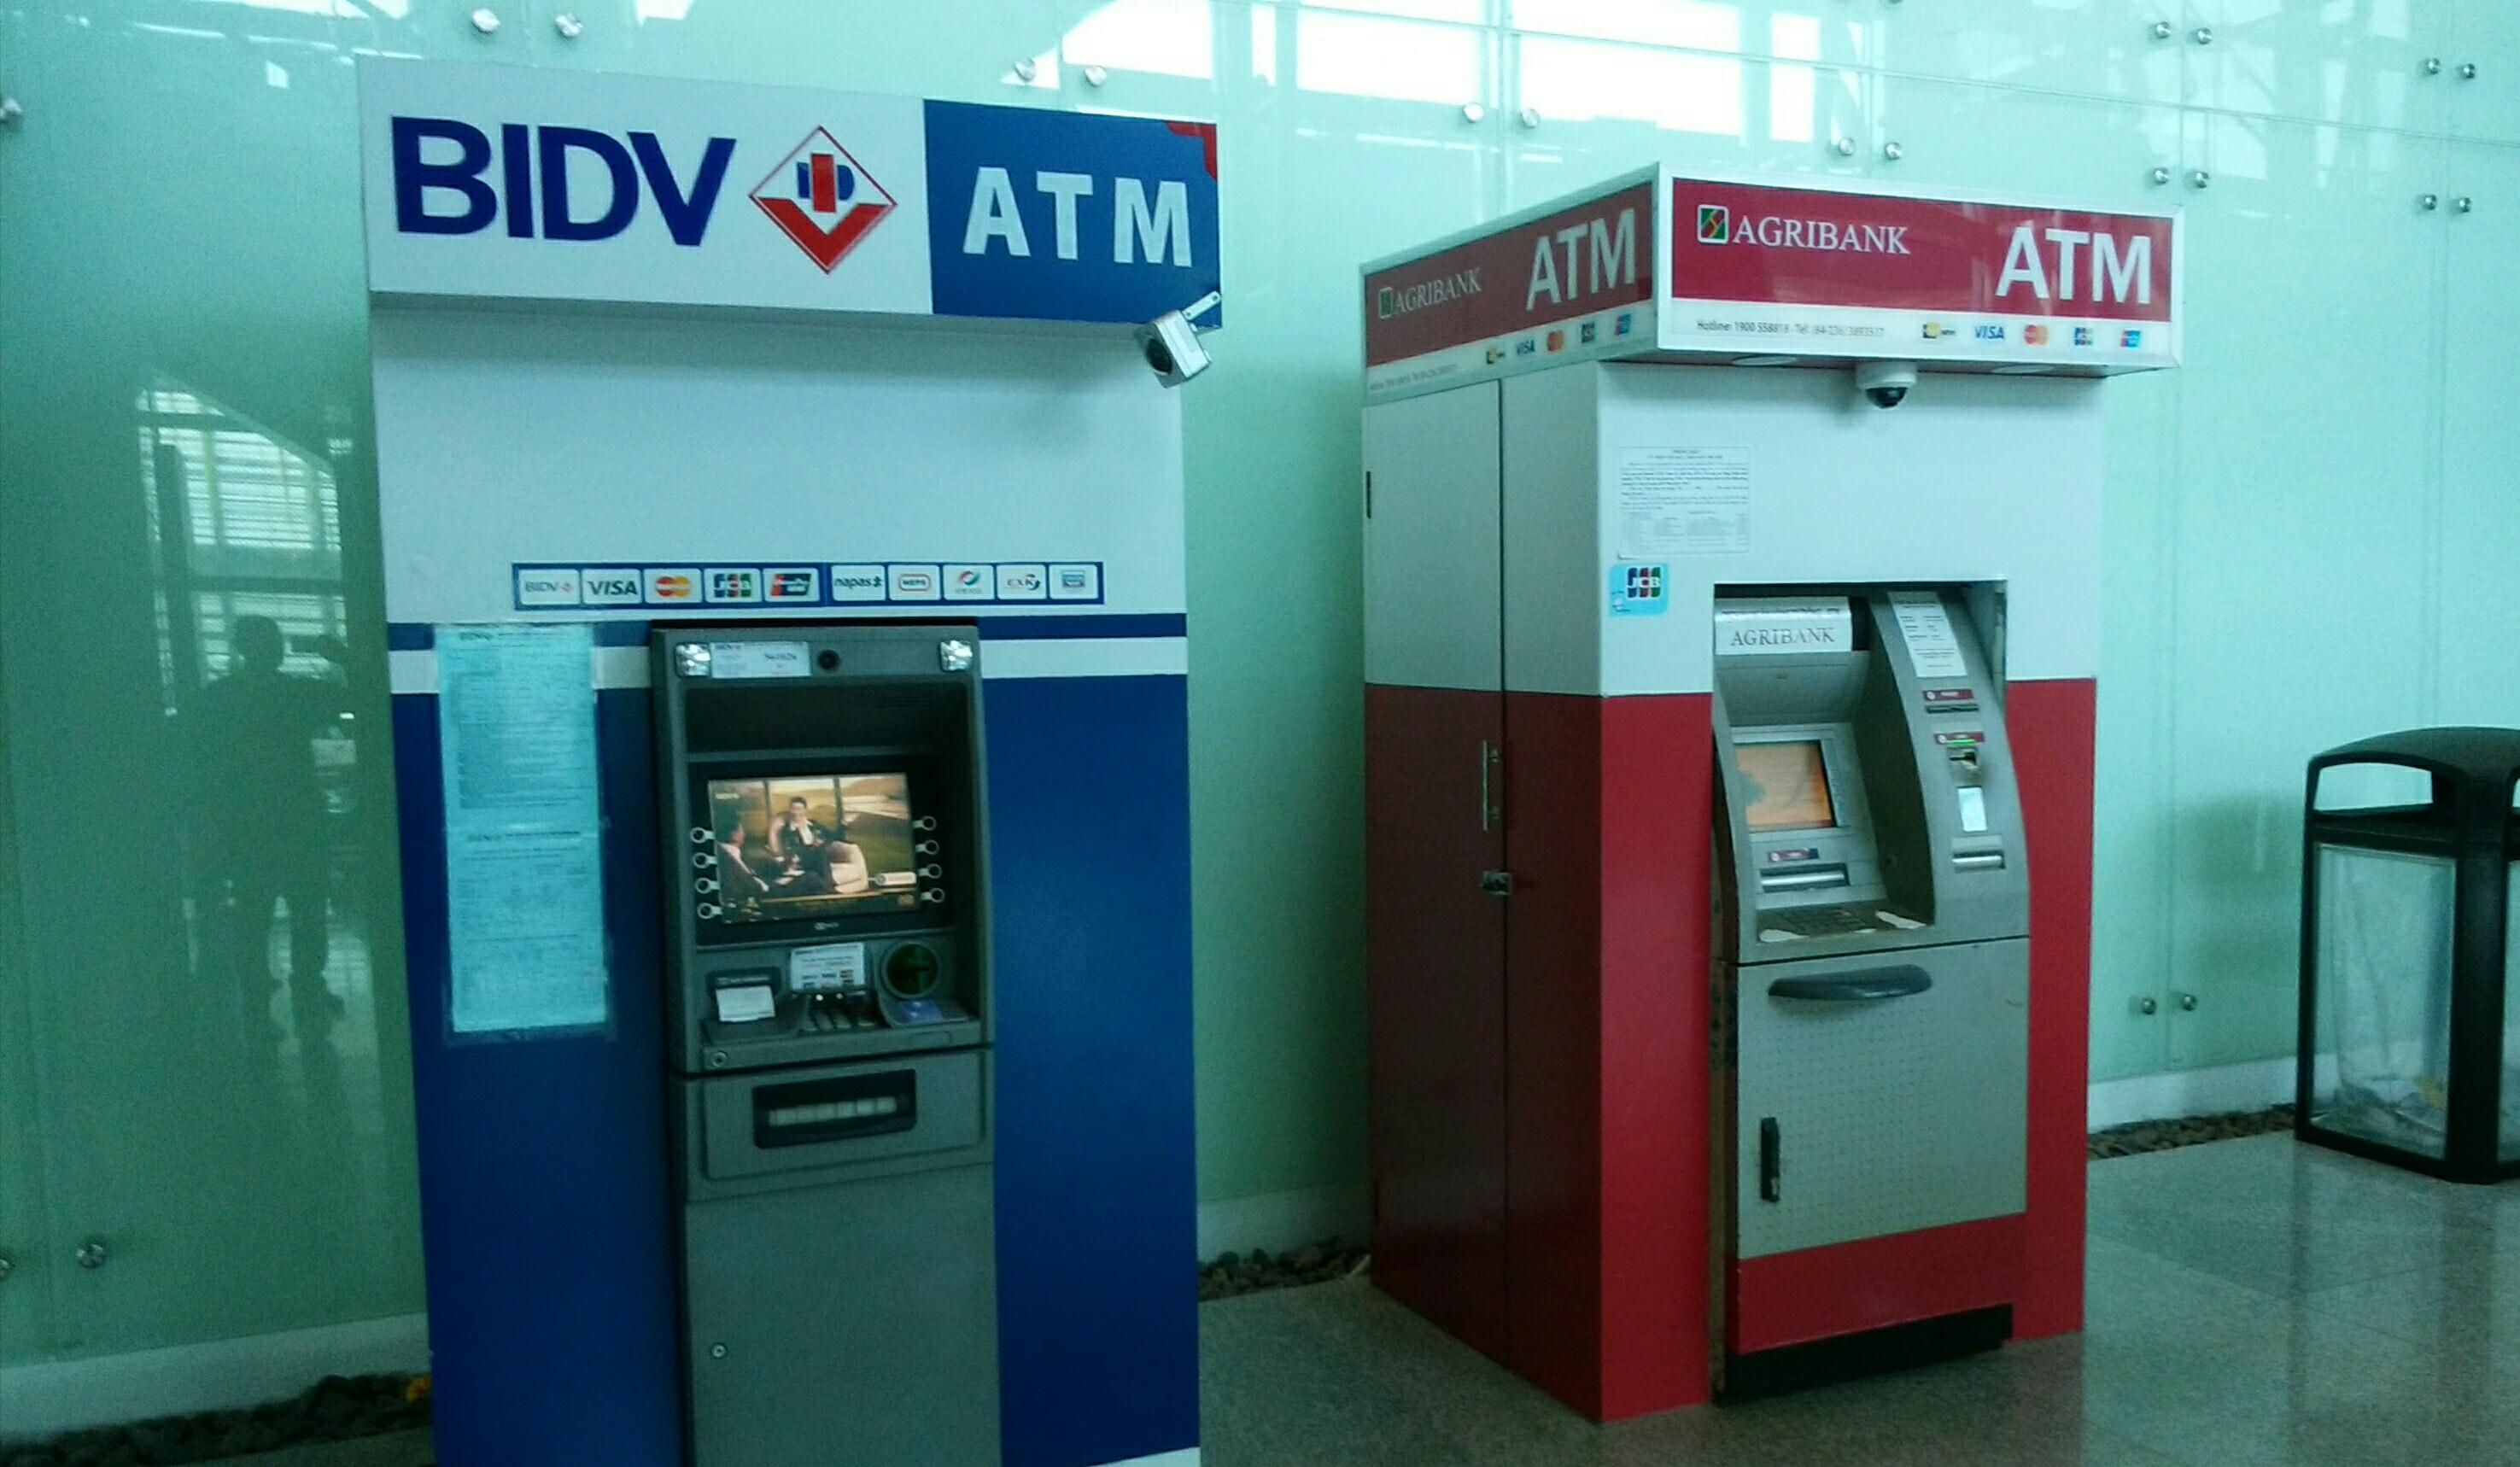 ダナン空港ATM右側